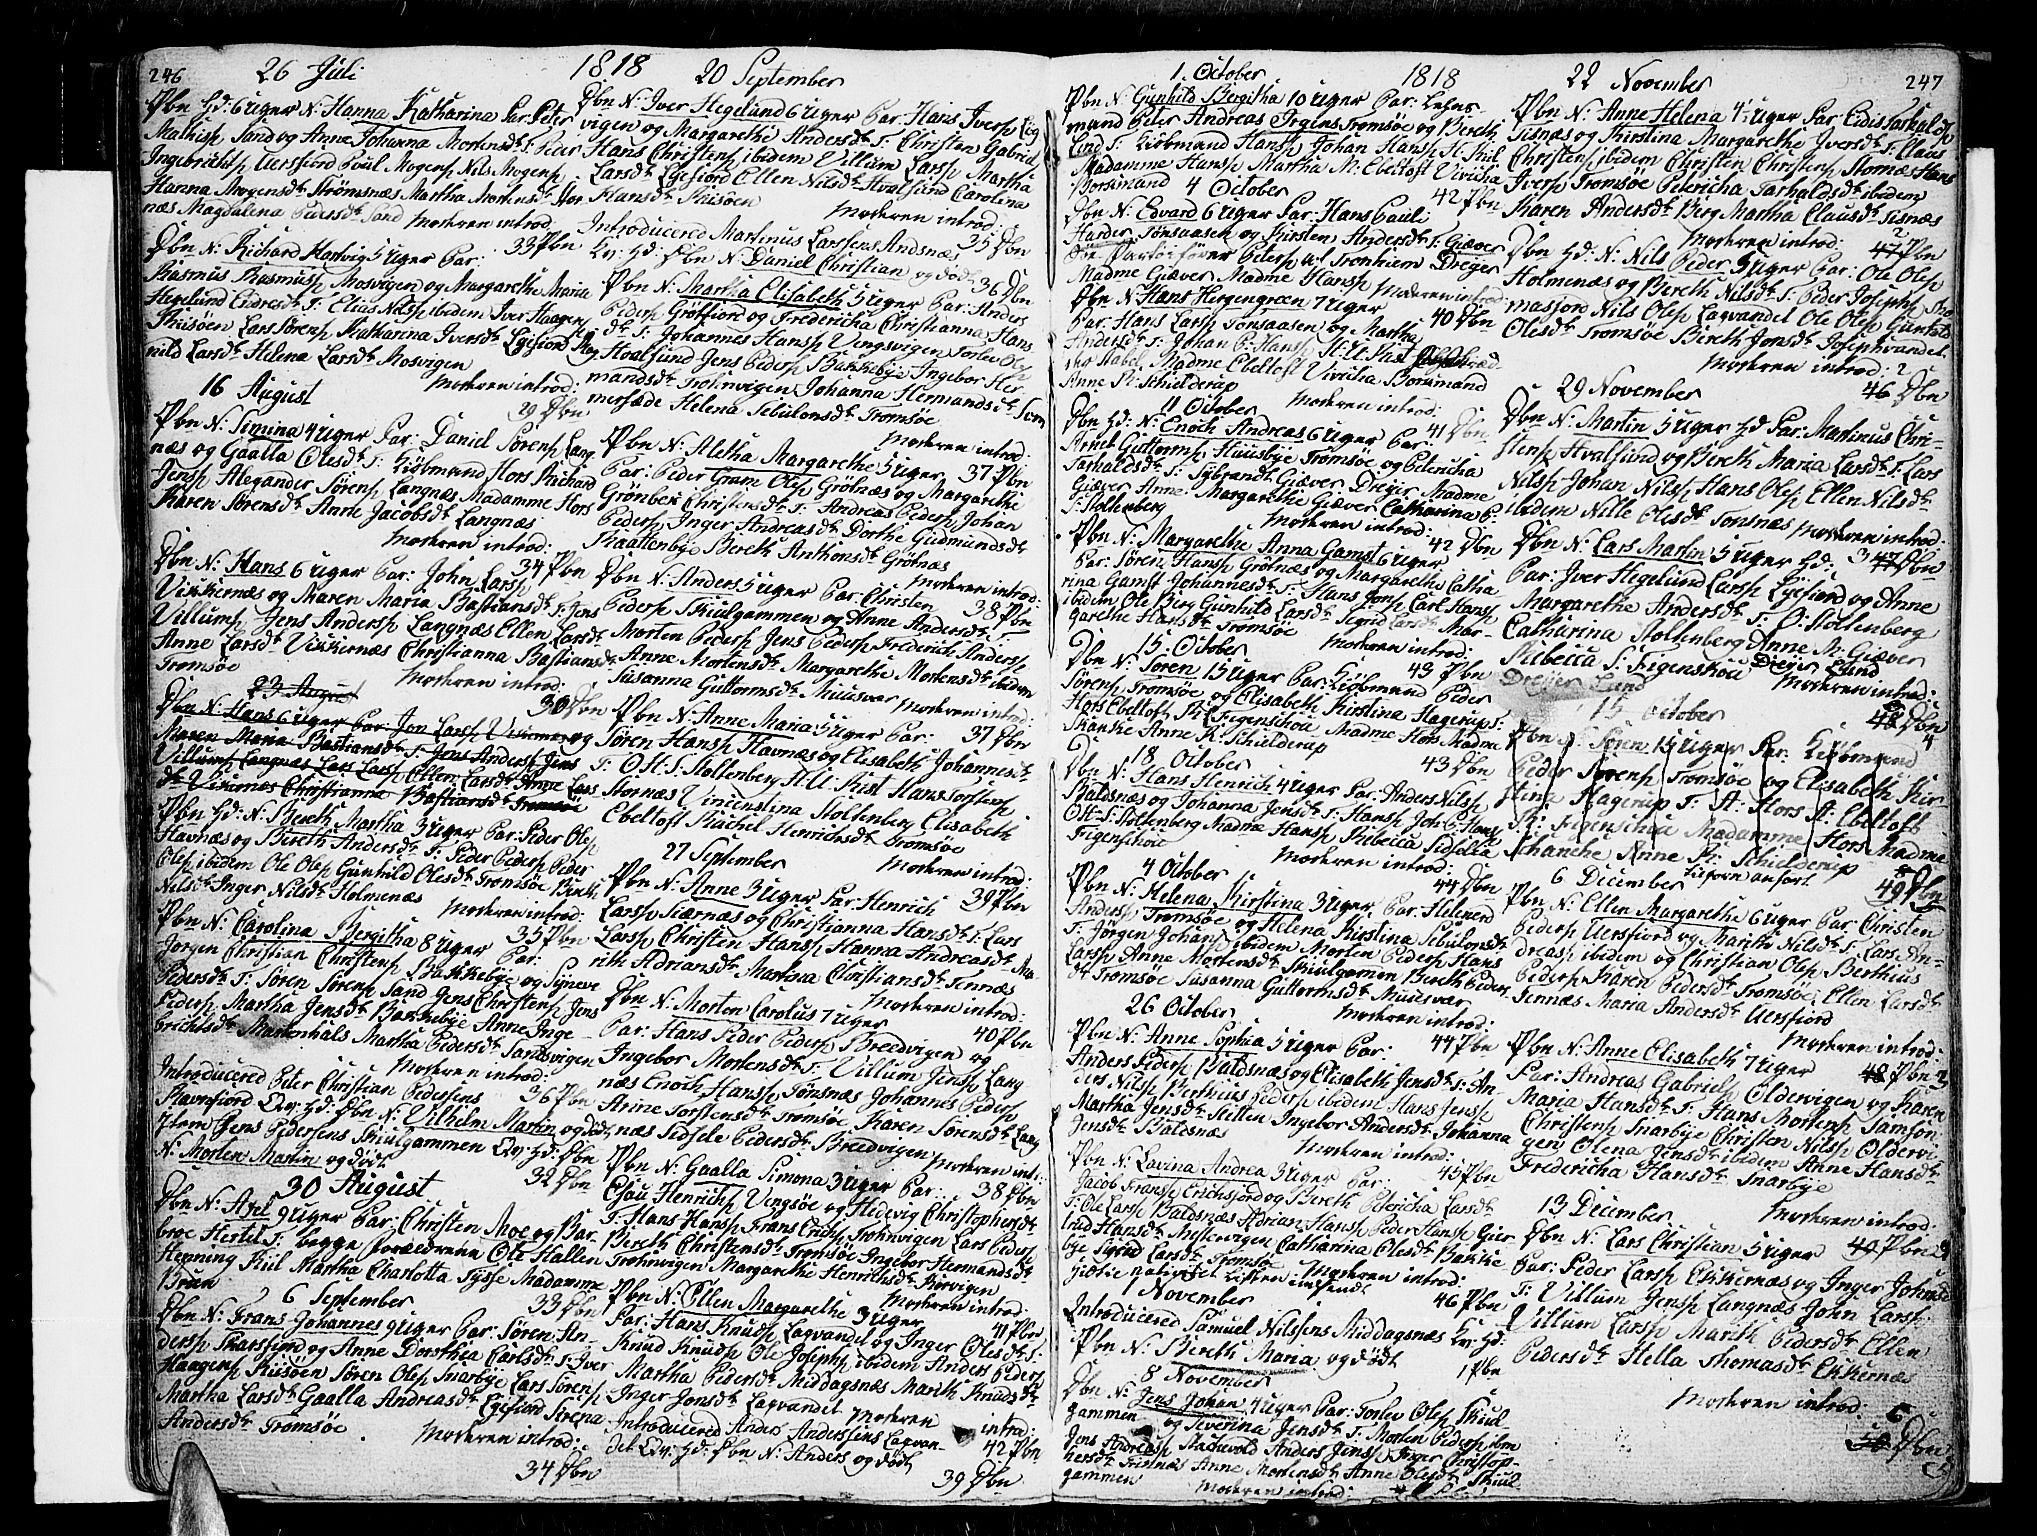 SATØ, Tromsø sokneprestkontor/stiftsprosti/domprosti, G/Ga/L0006kirke: Ministerialbok nr. 6, 1806-1821, s. 246-247